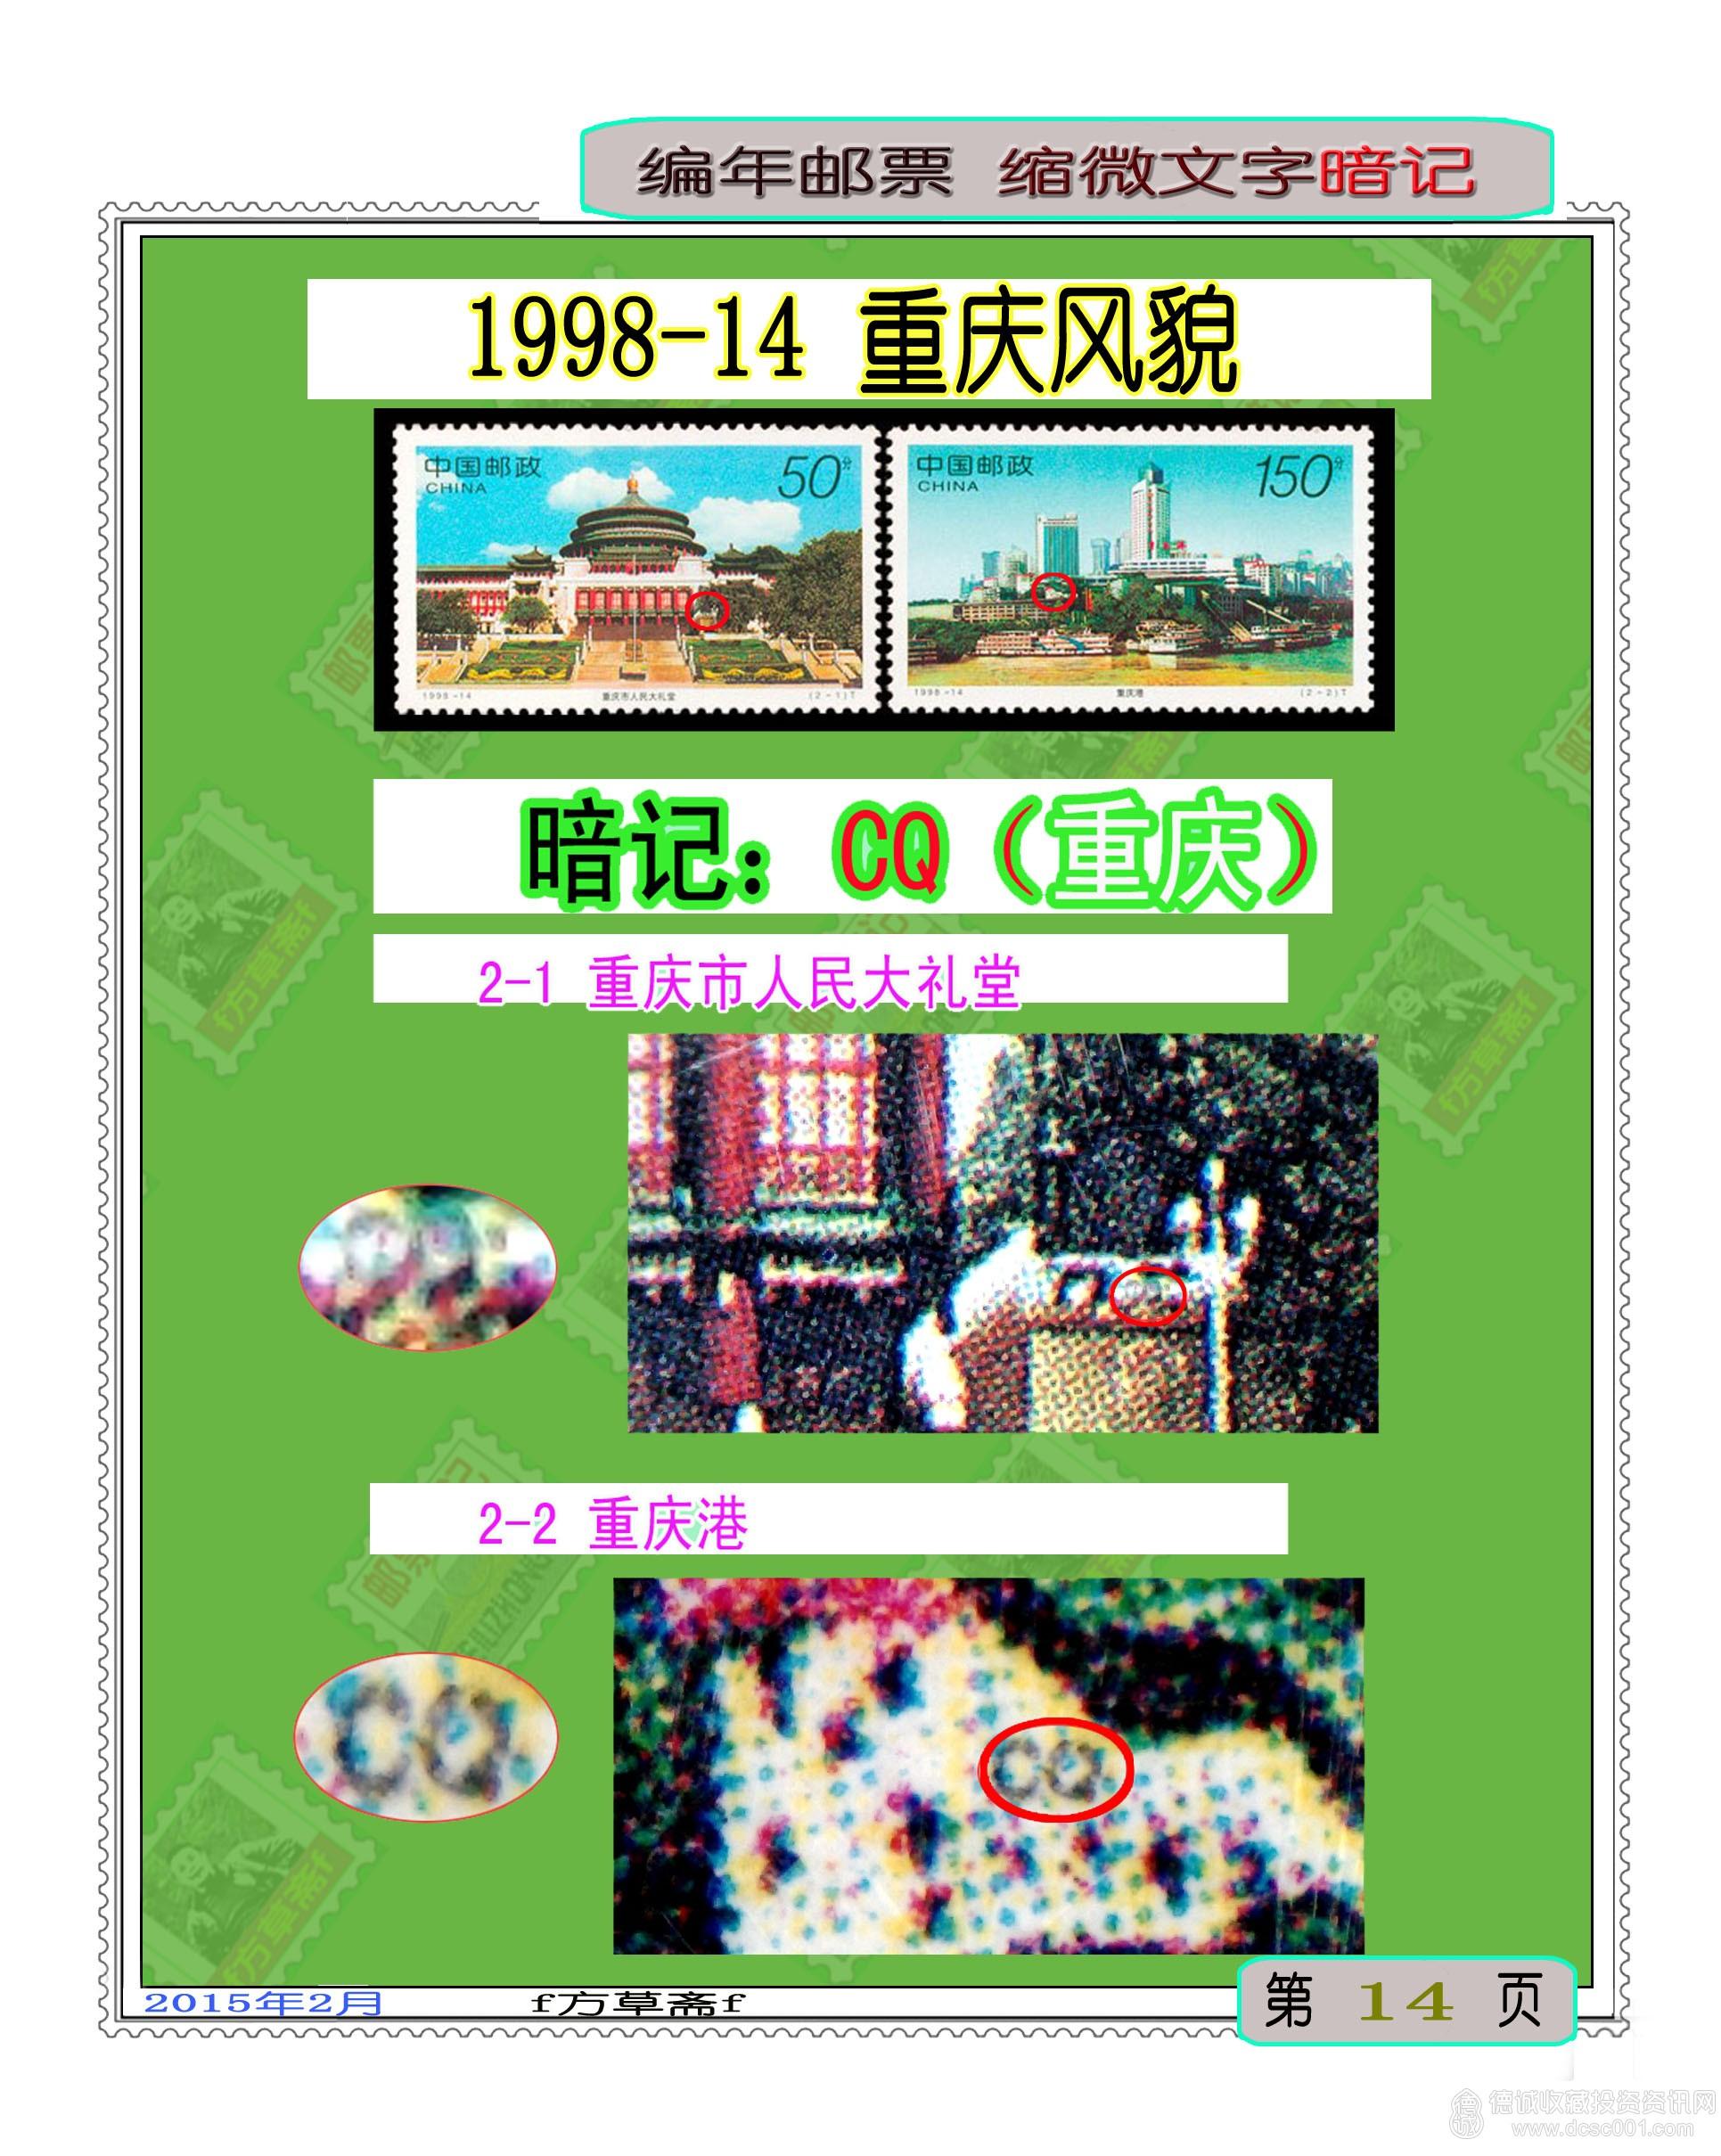 1998-14 重庆风貌(T).jpg